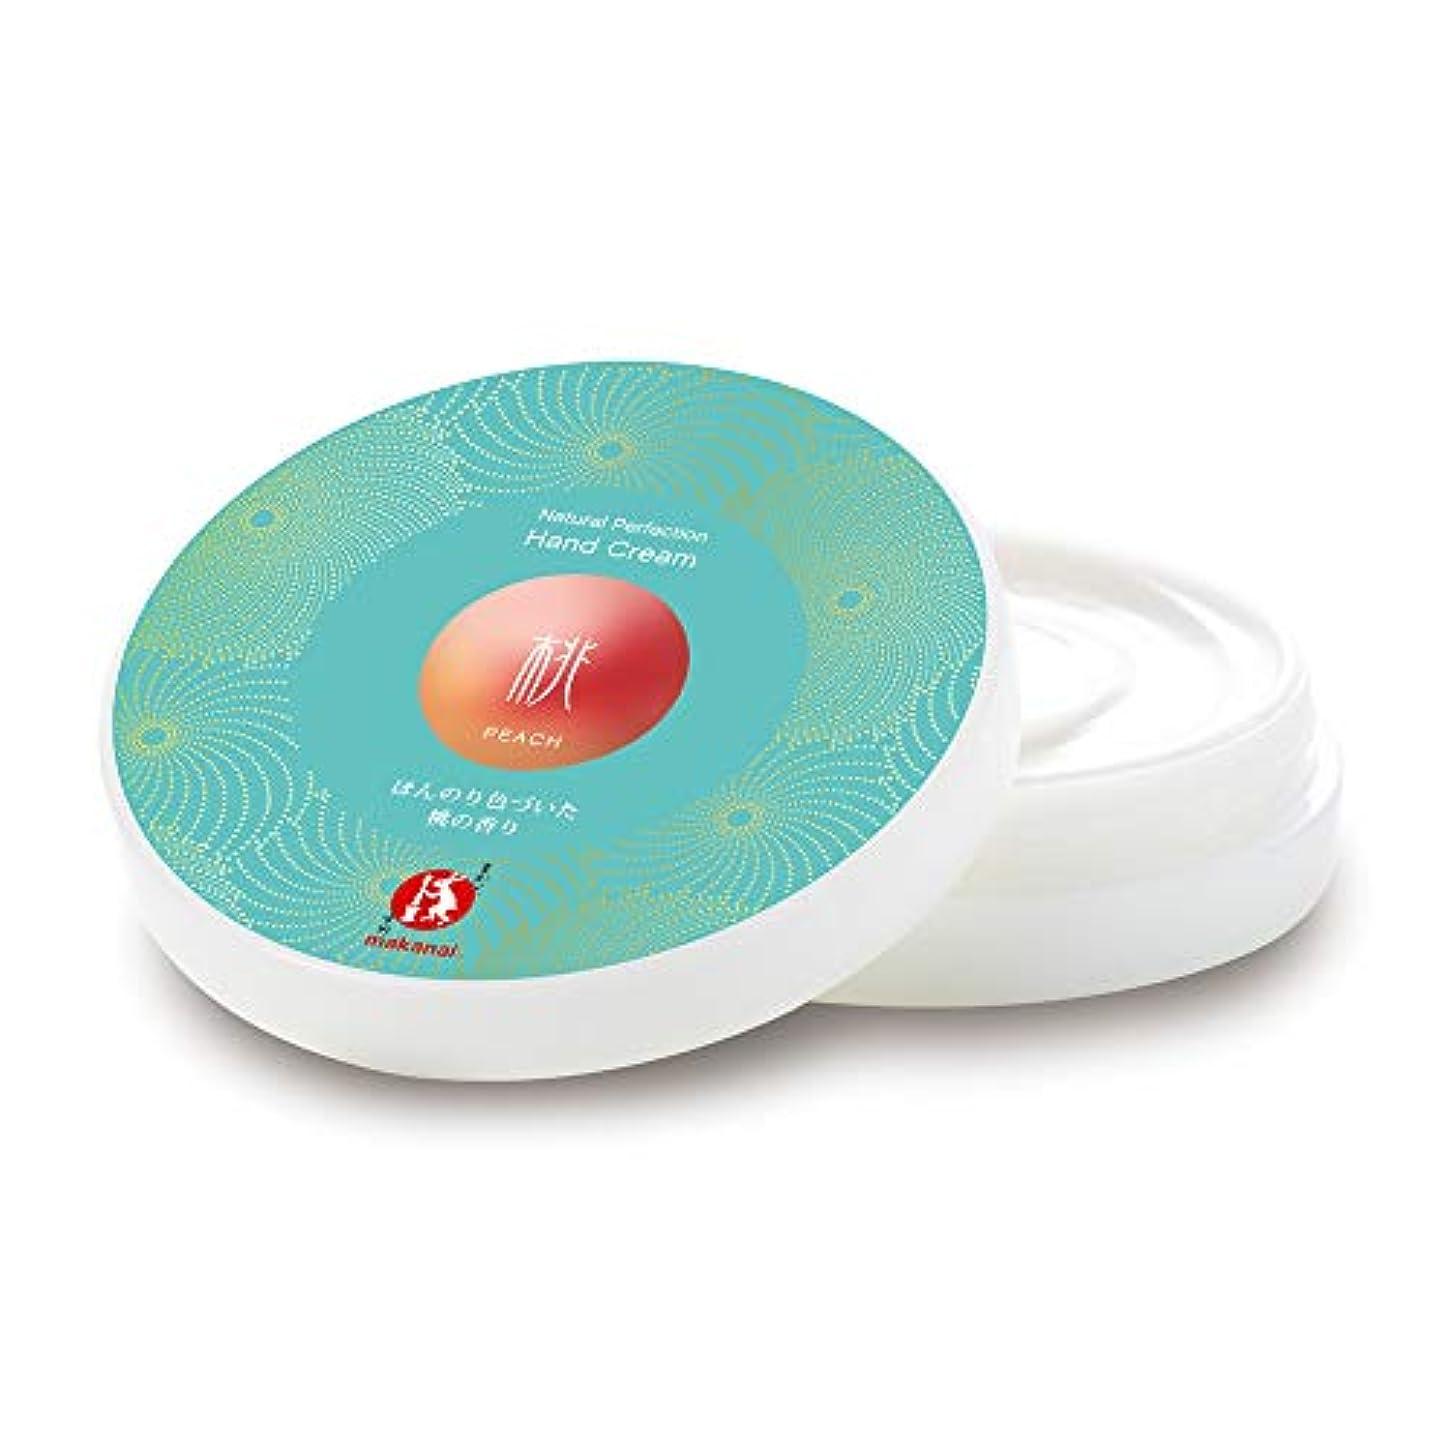 救急車用量課すまかないこすめ 絶妙レシピのハンドクリーム(ほんのり色づいた桃の香り)30g